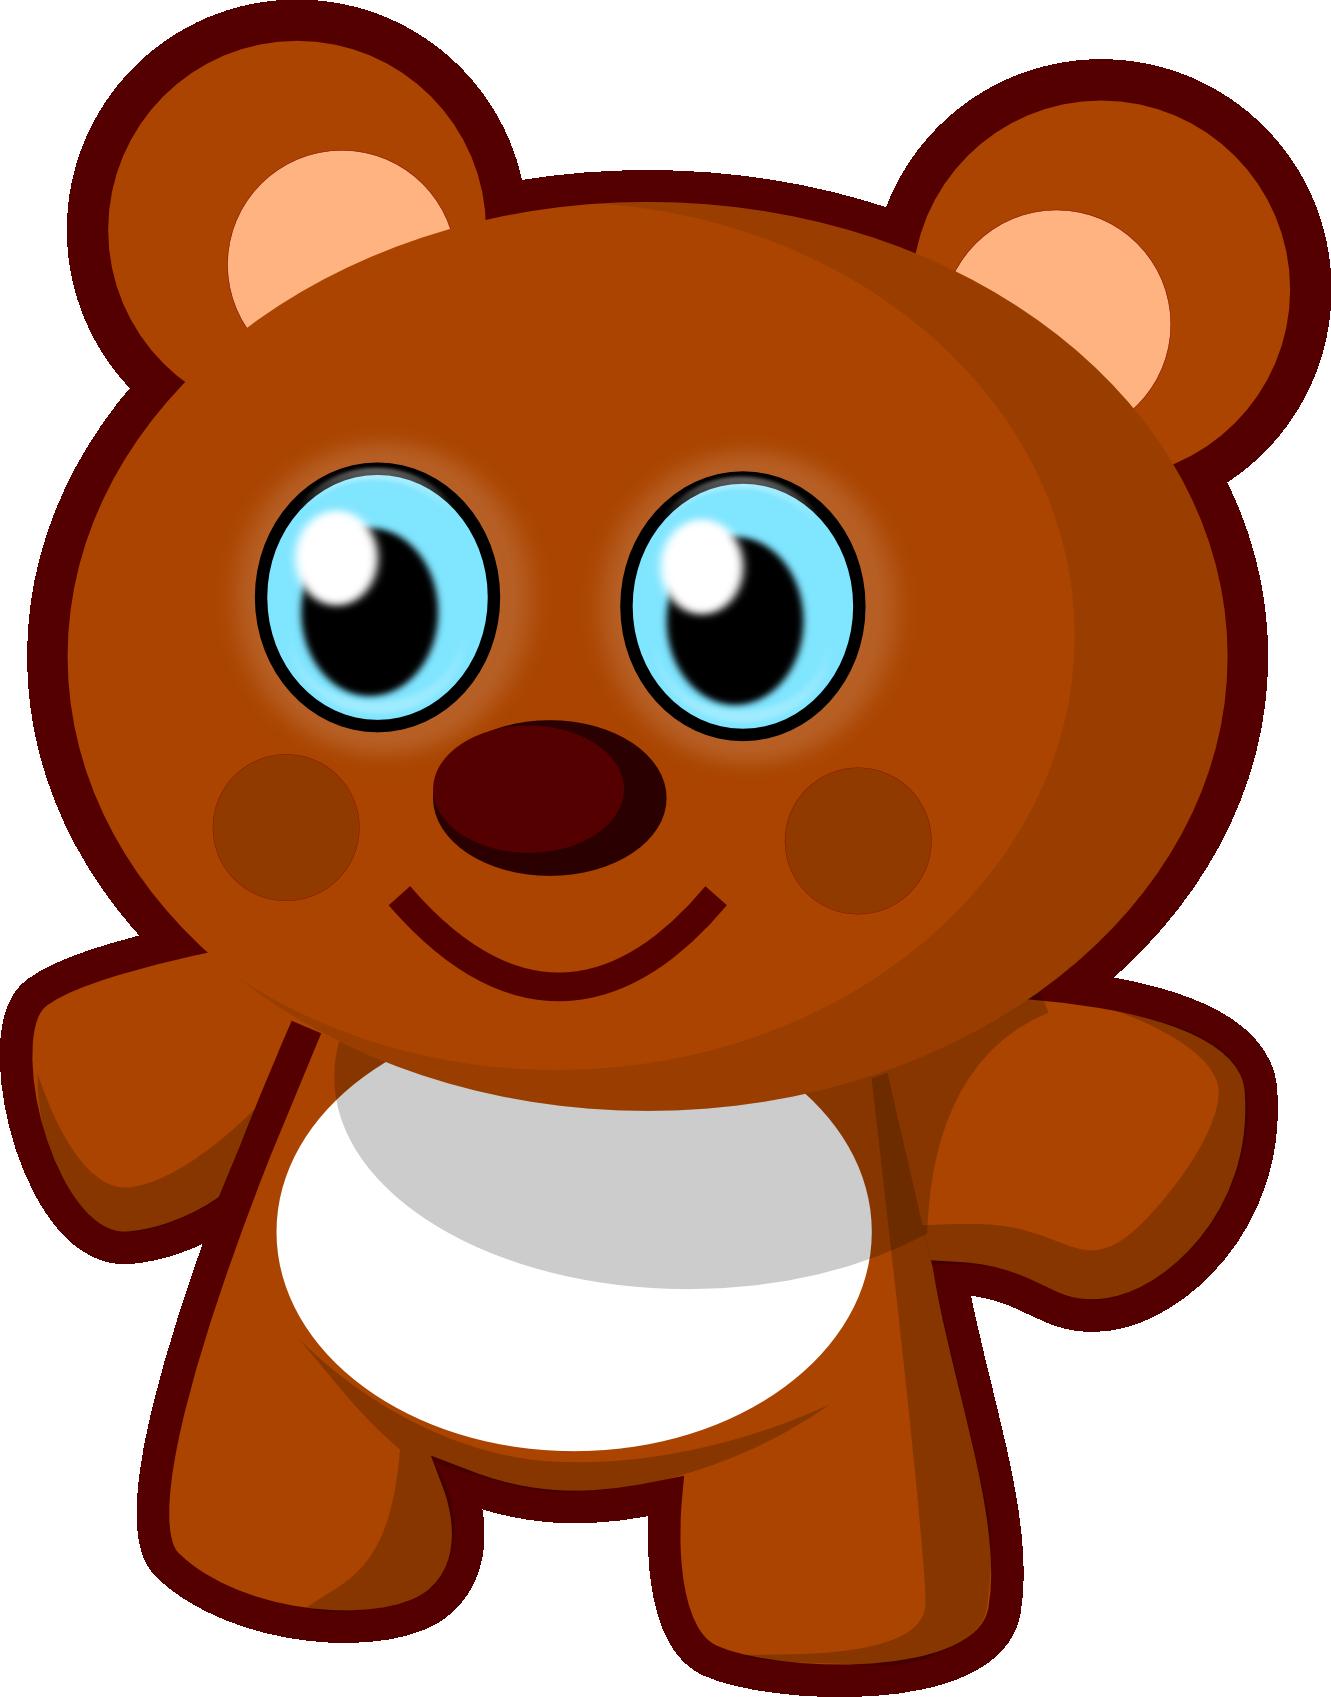 1331x1697 Cute Bear Clipart Amp Look At Cute Bear Clip Art Images